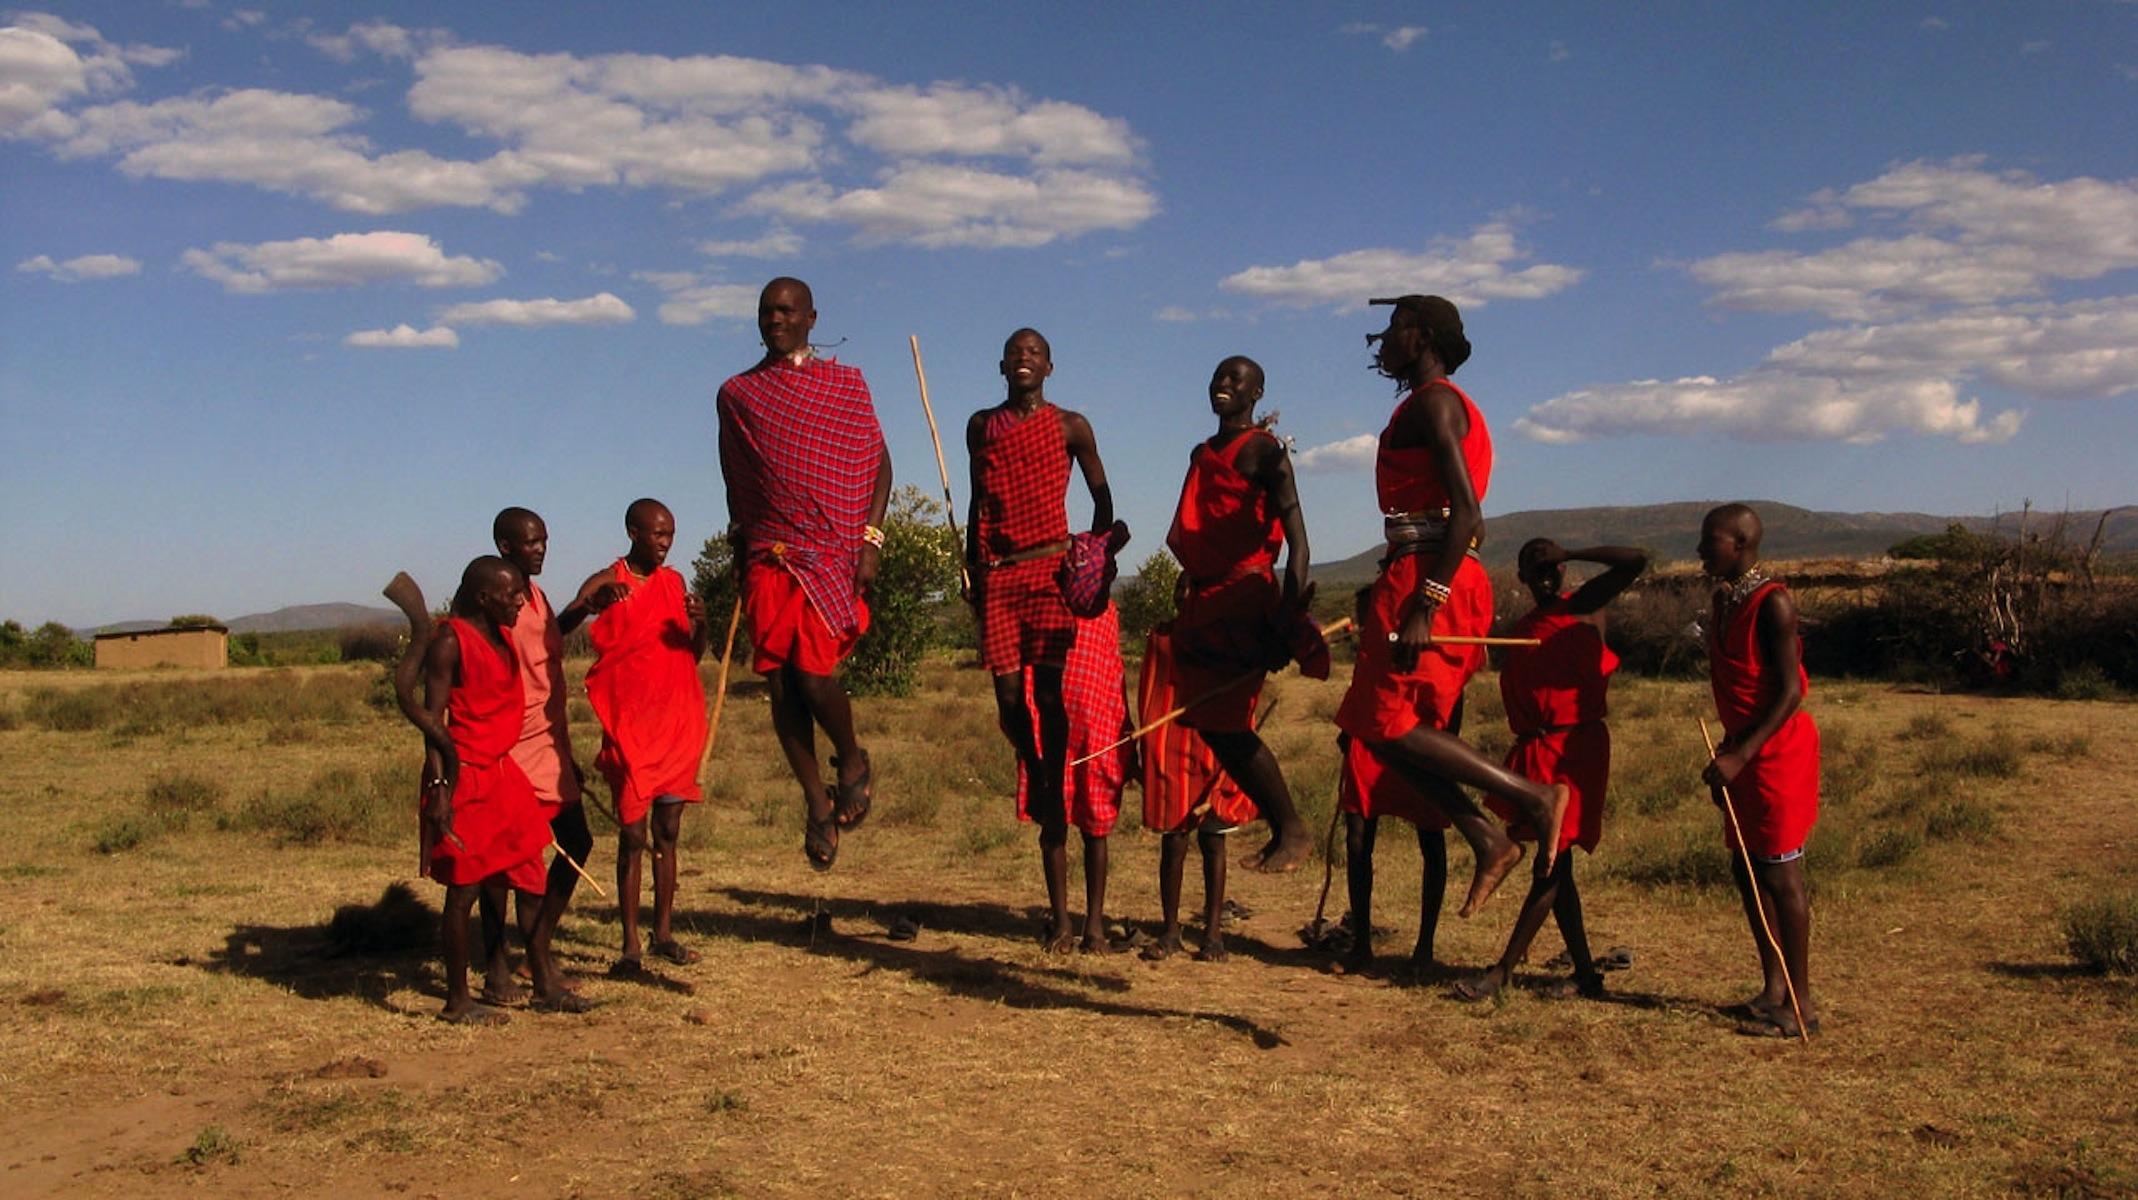 saut légendaire des Masai